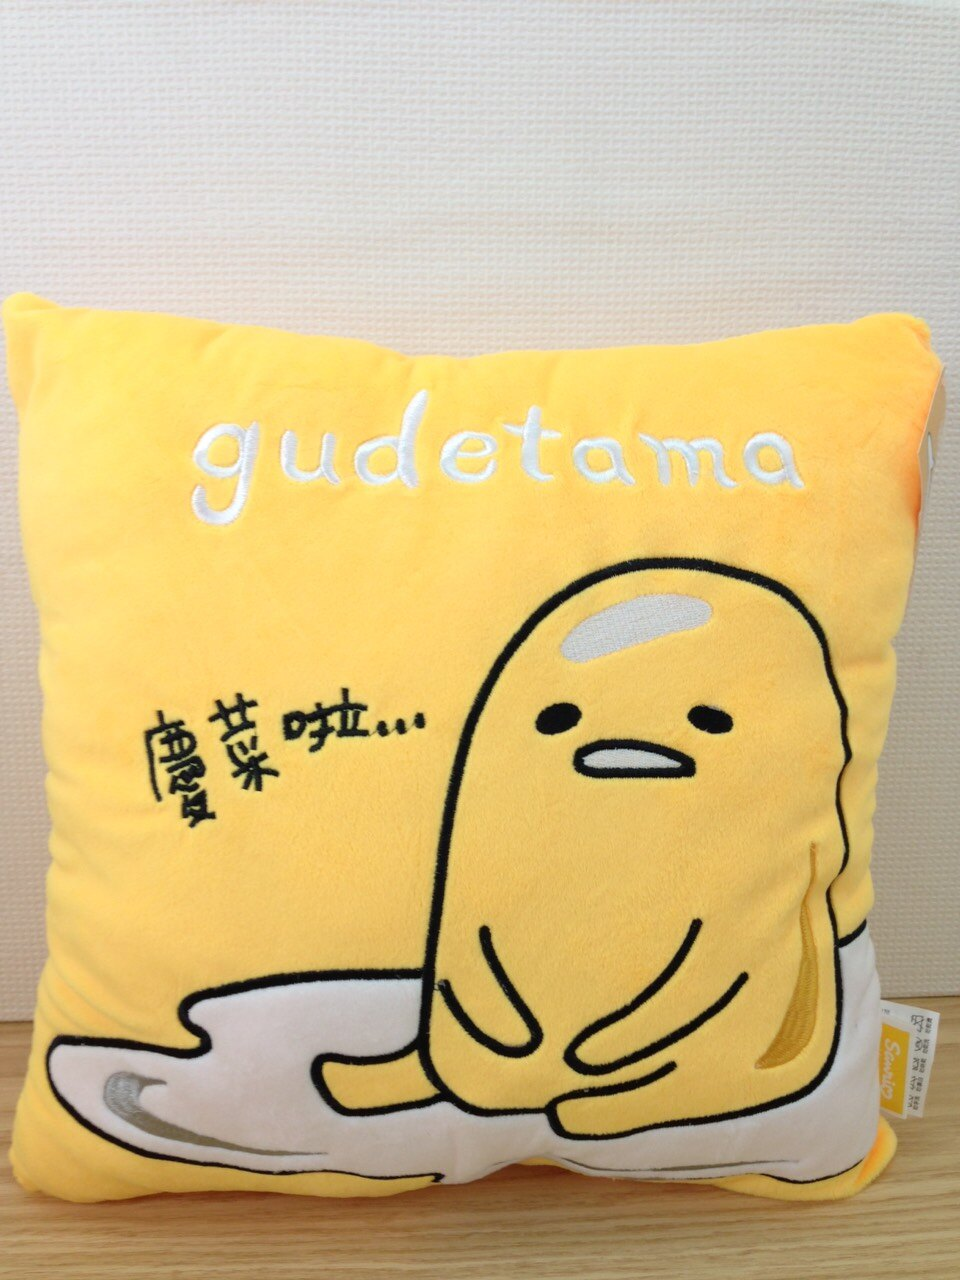 【真愛日本】15102600028電繡方抱枕-麥阿內啦   三麗鷗家族 蛋黃哥 Gudetama 抱枕 靠枕 蛋黃